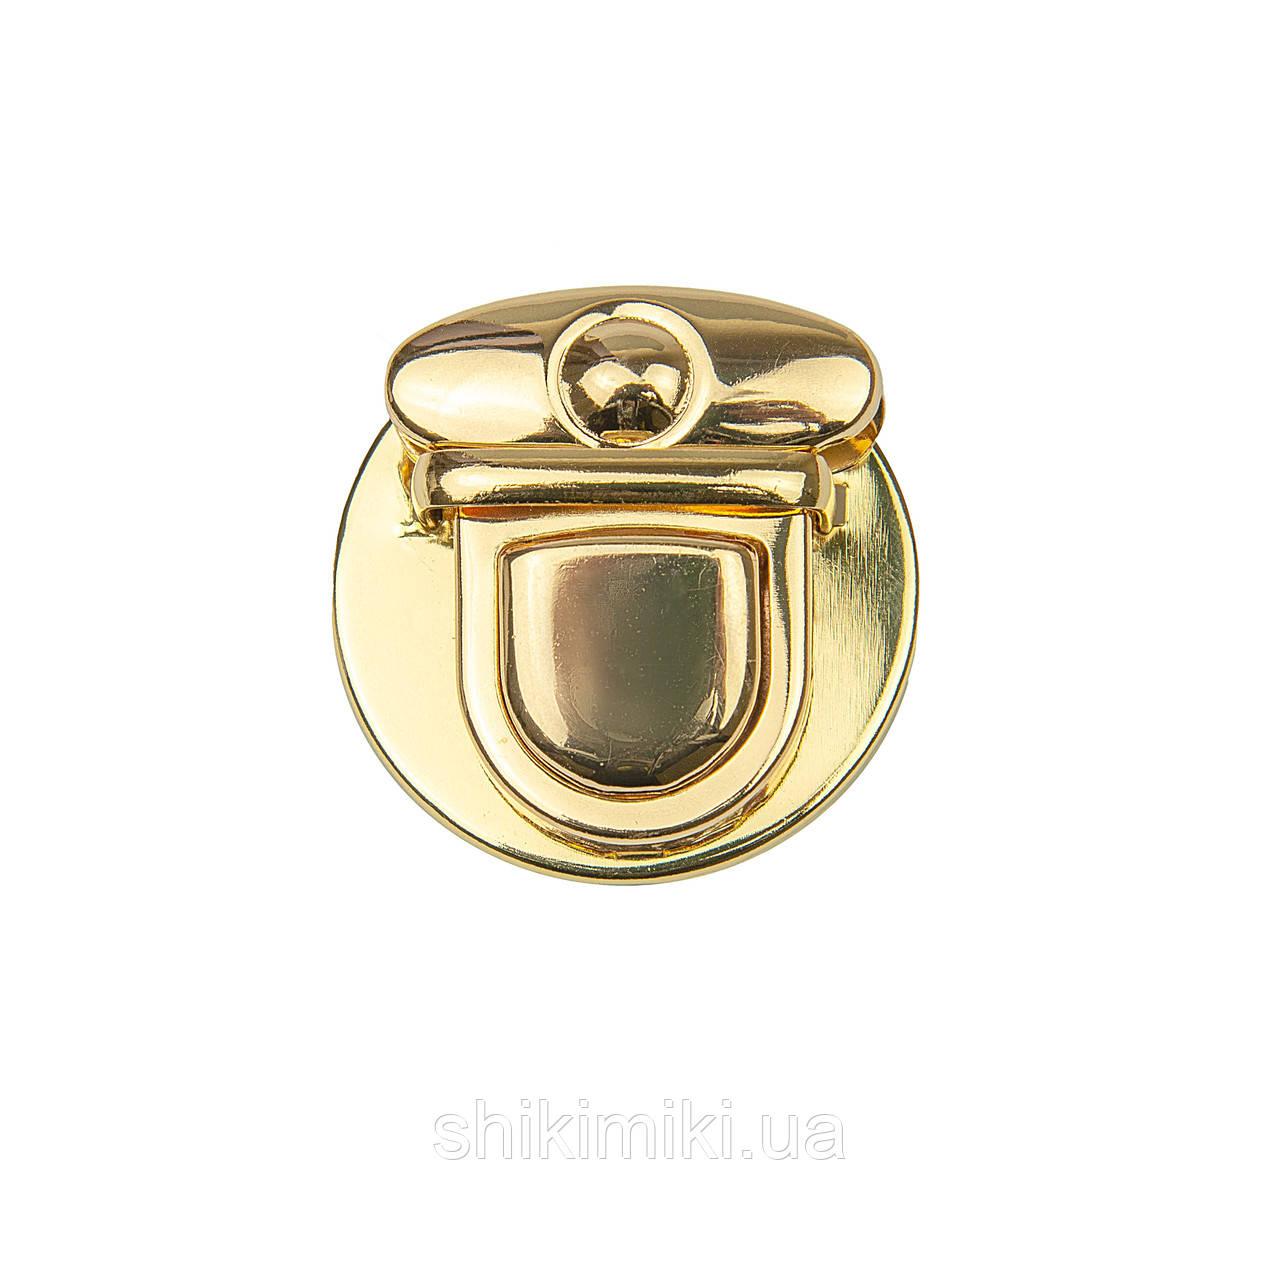 Замок для сумки ZM101-3 (39*44 мм), цвет золото